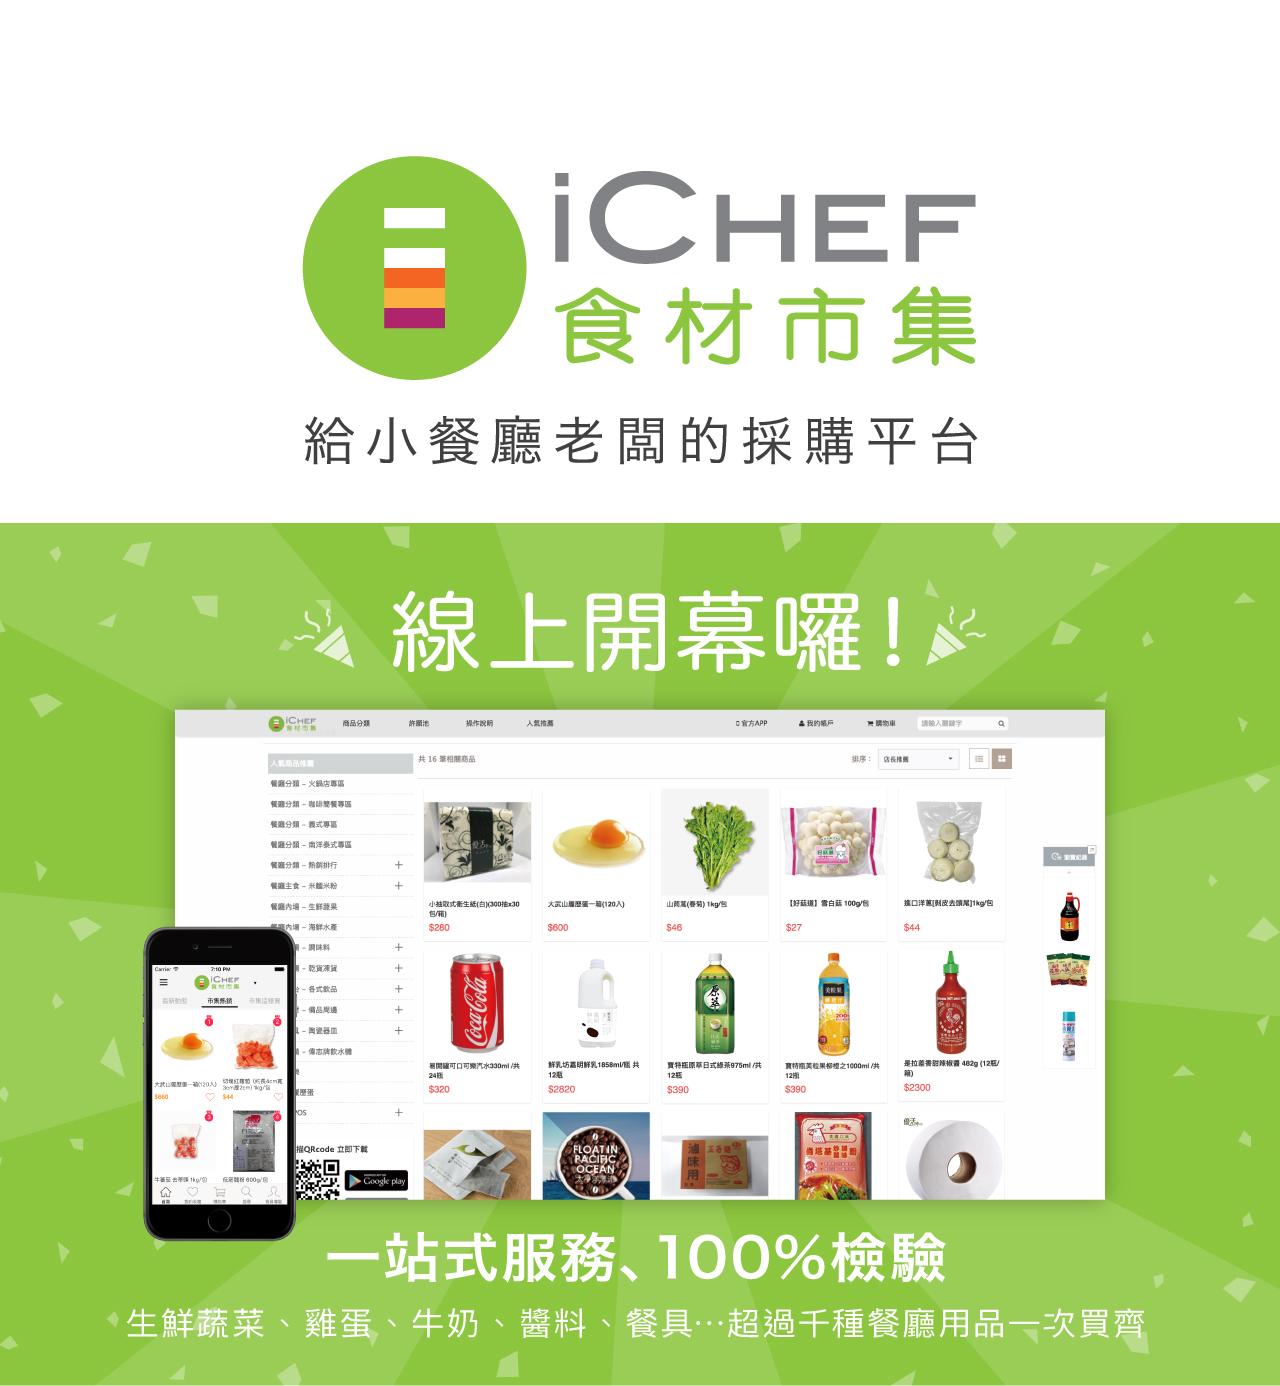 【 iCHEF 食材市集 】提供一站式服務、100%檢驗商品,生鮮蔬菜、雞蛋、牛奶、醬料、餐具....等超過千種餐廳用品讓你一次買齊!